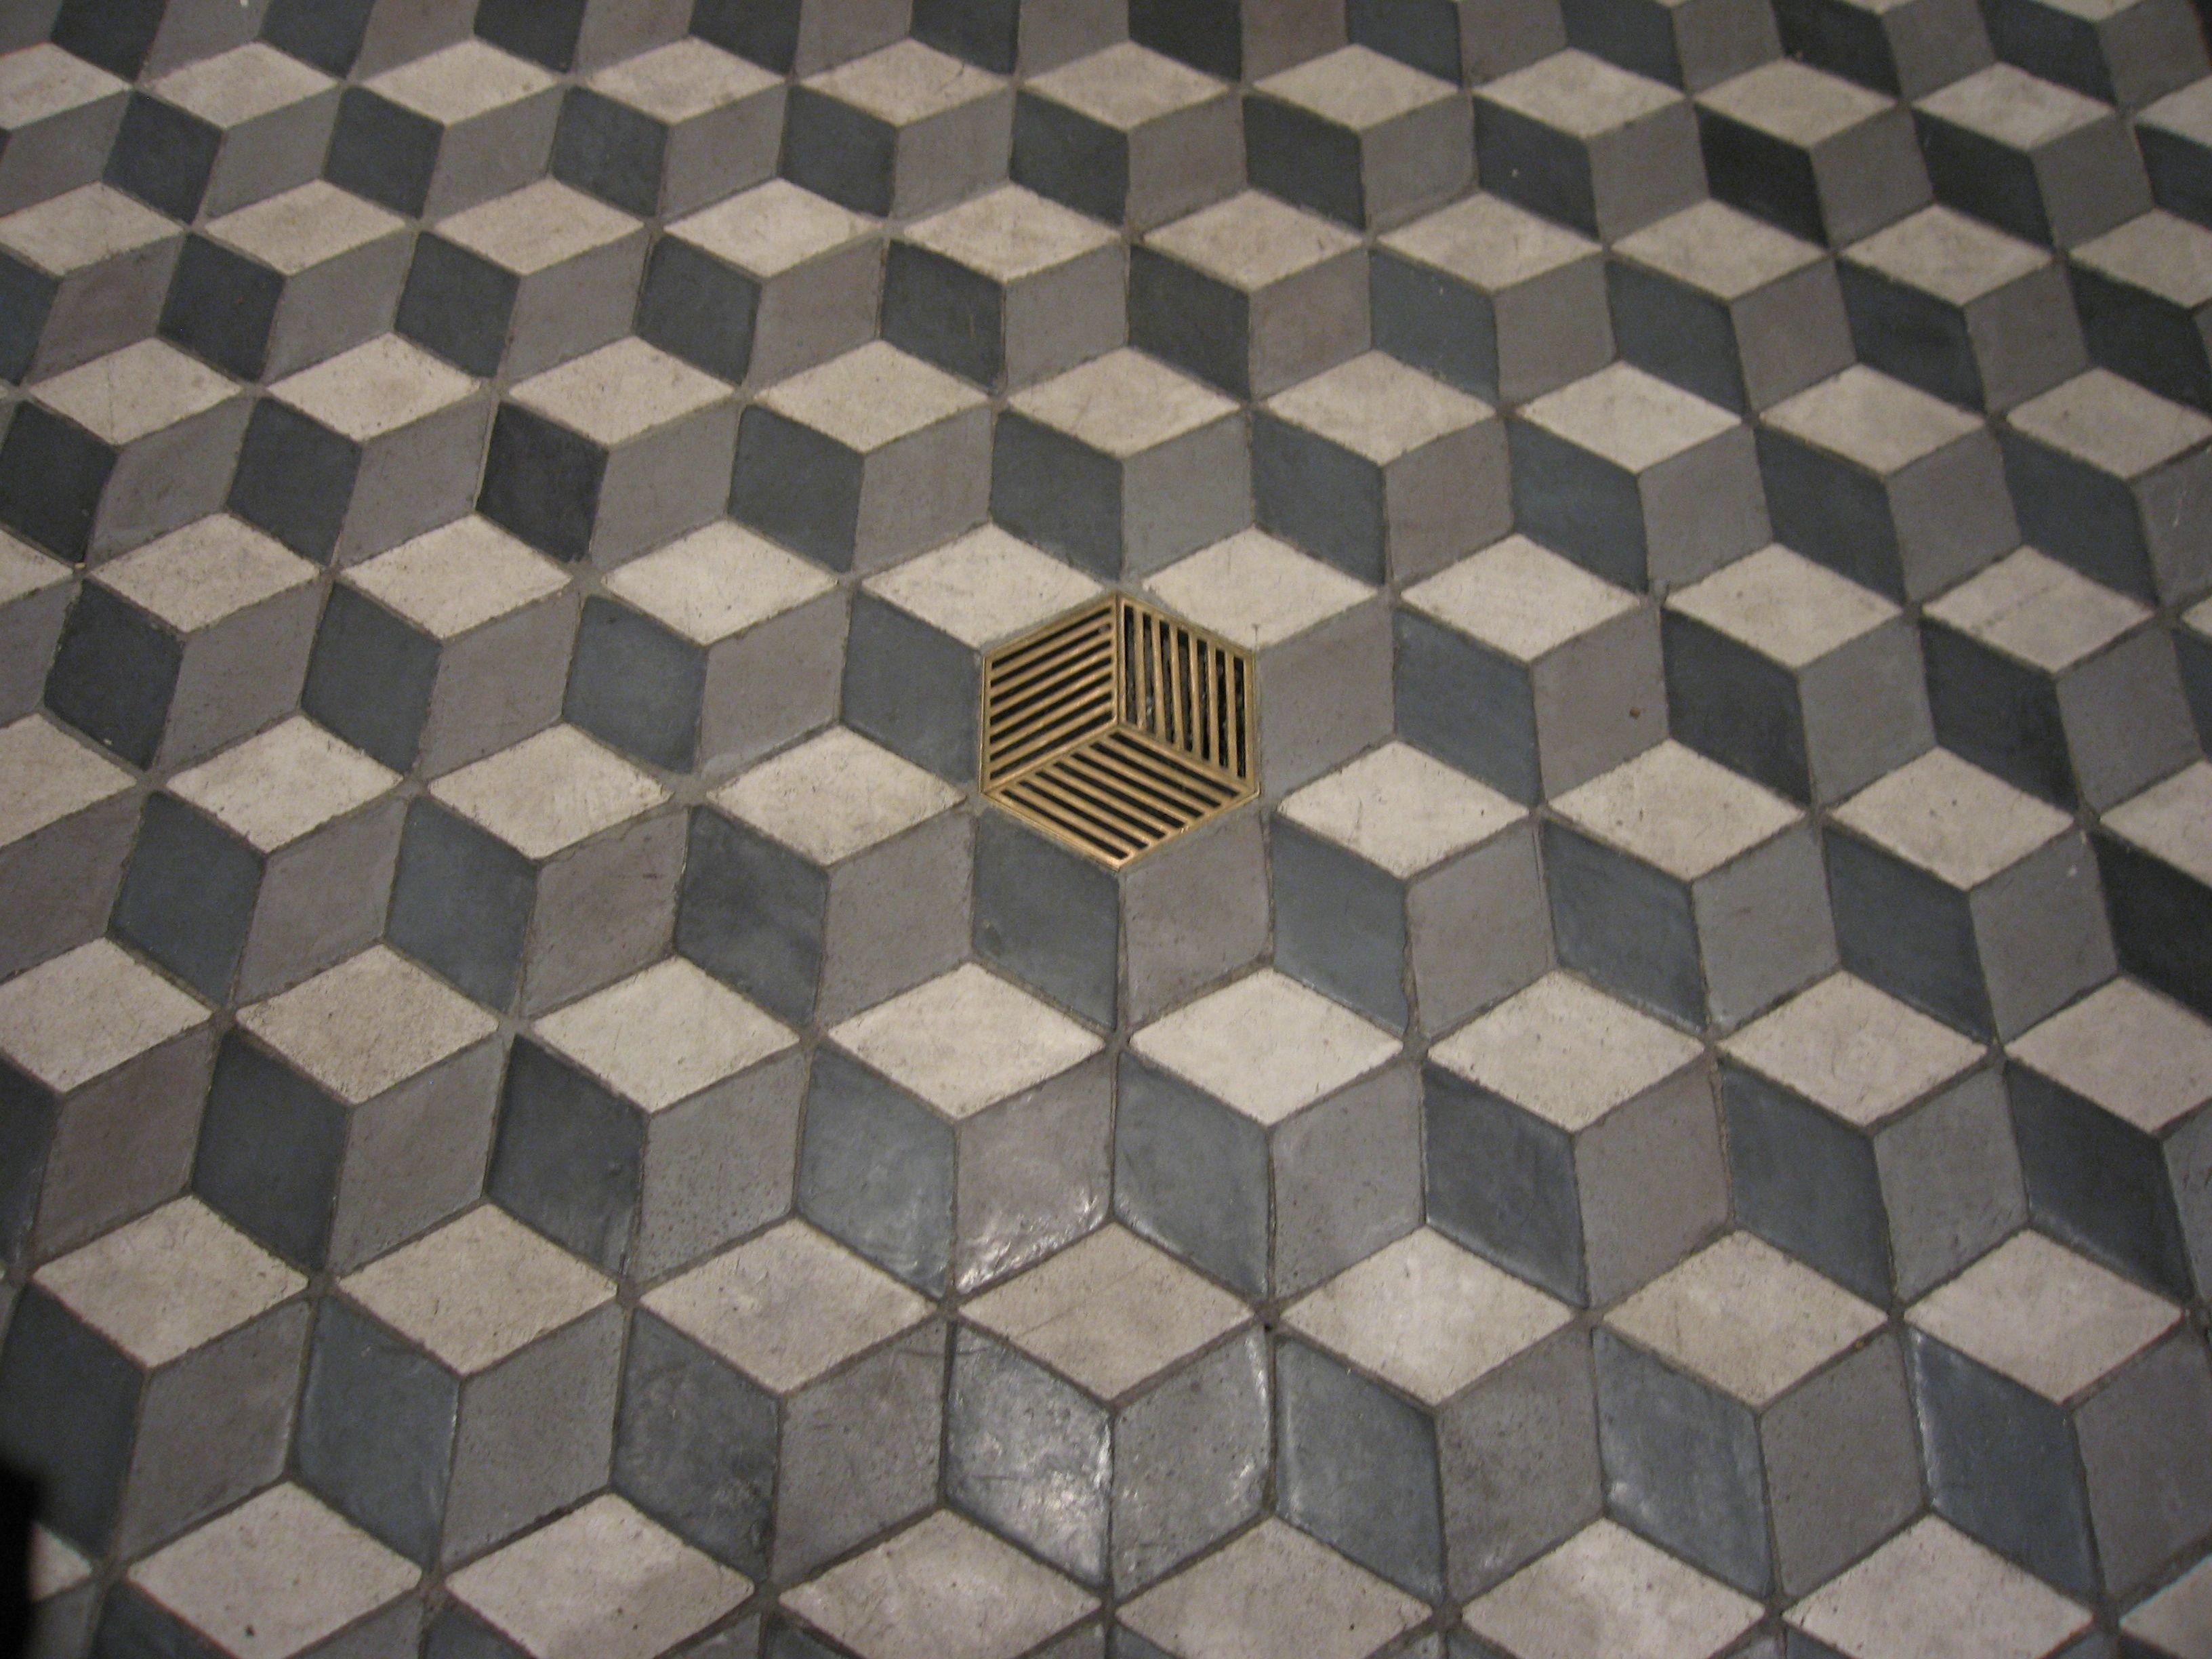 Piastrelle prospettiche con griglia house louis vuitton tiles